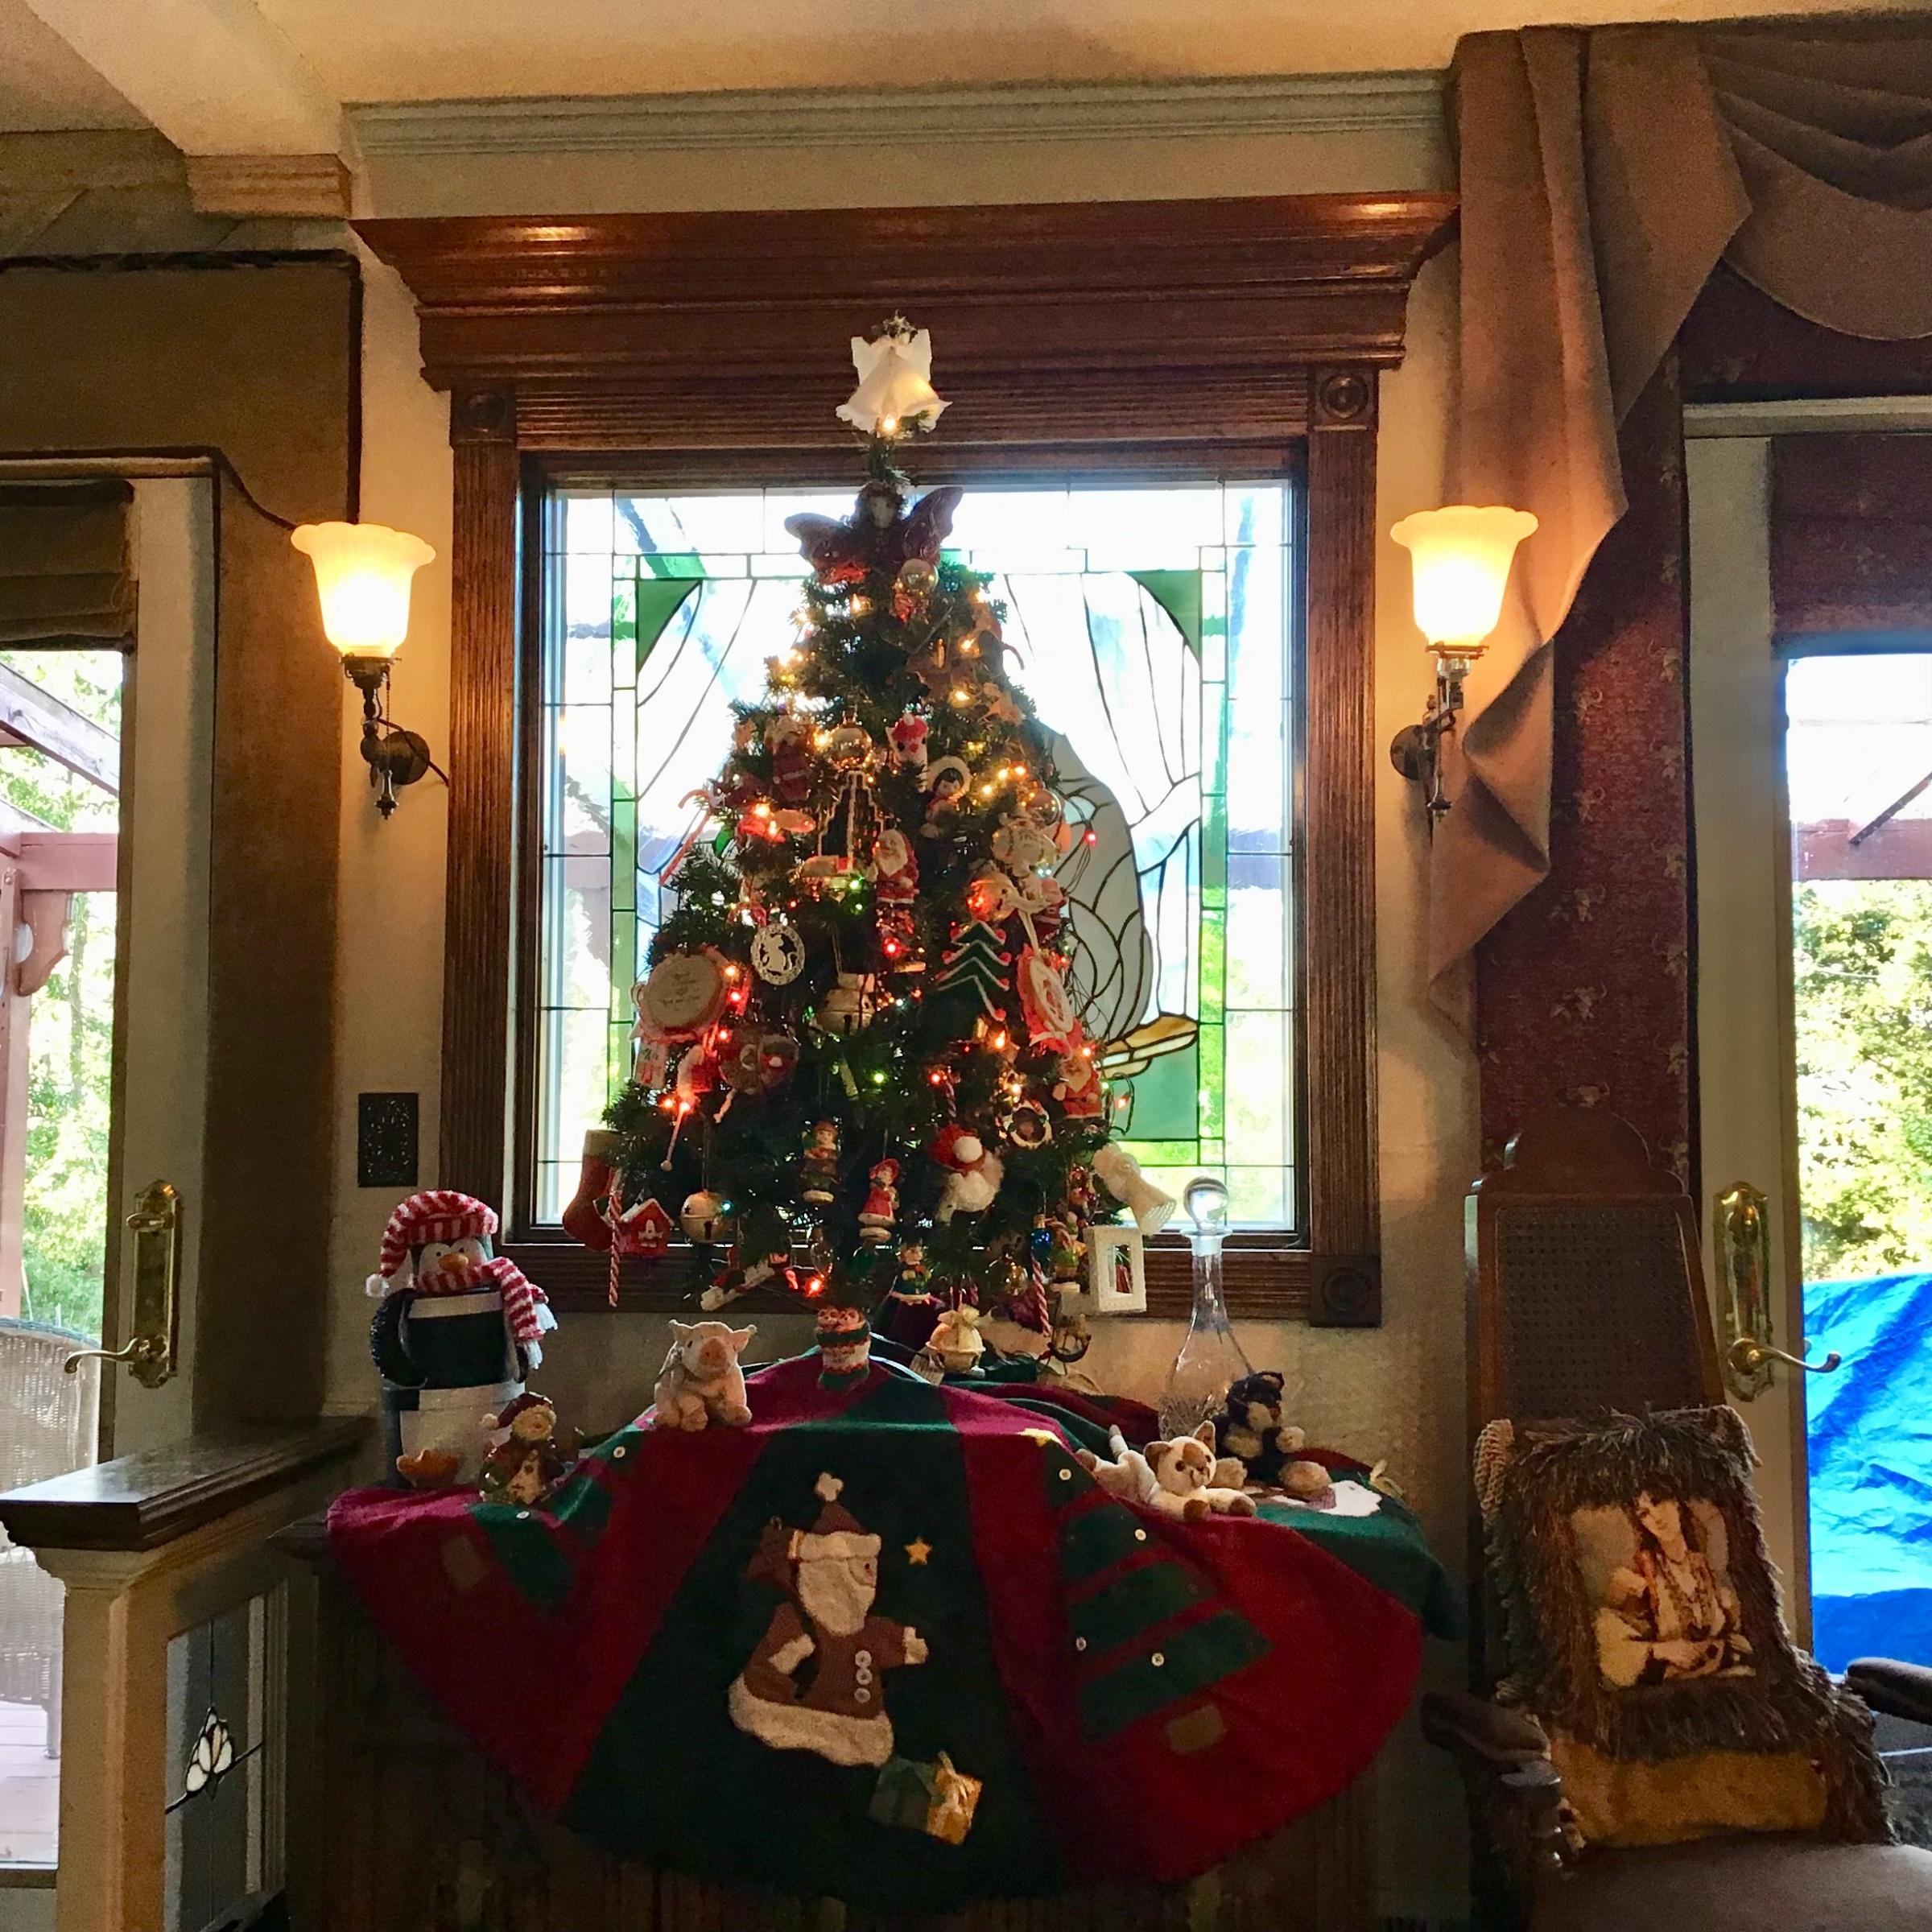 Show us your Christmas decorations!-2e676df5-de69-4598-ab04-0f4e534838bb.jpg